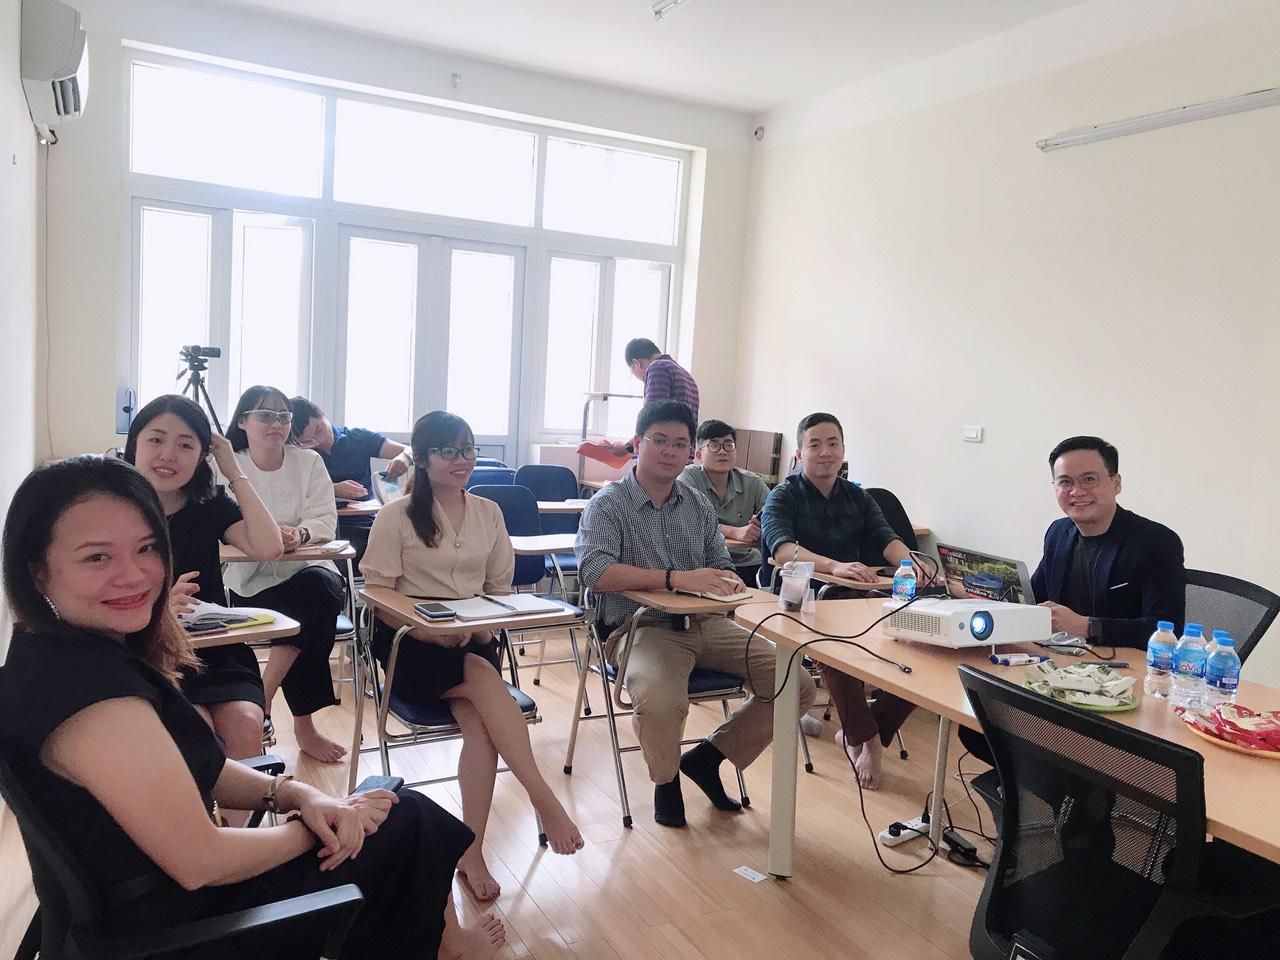 Vinh Thái tổ chức buổi training 3M CSD